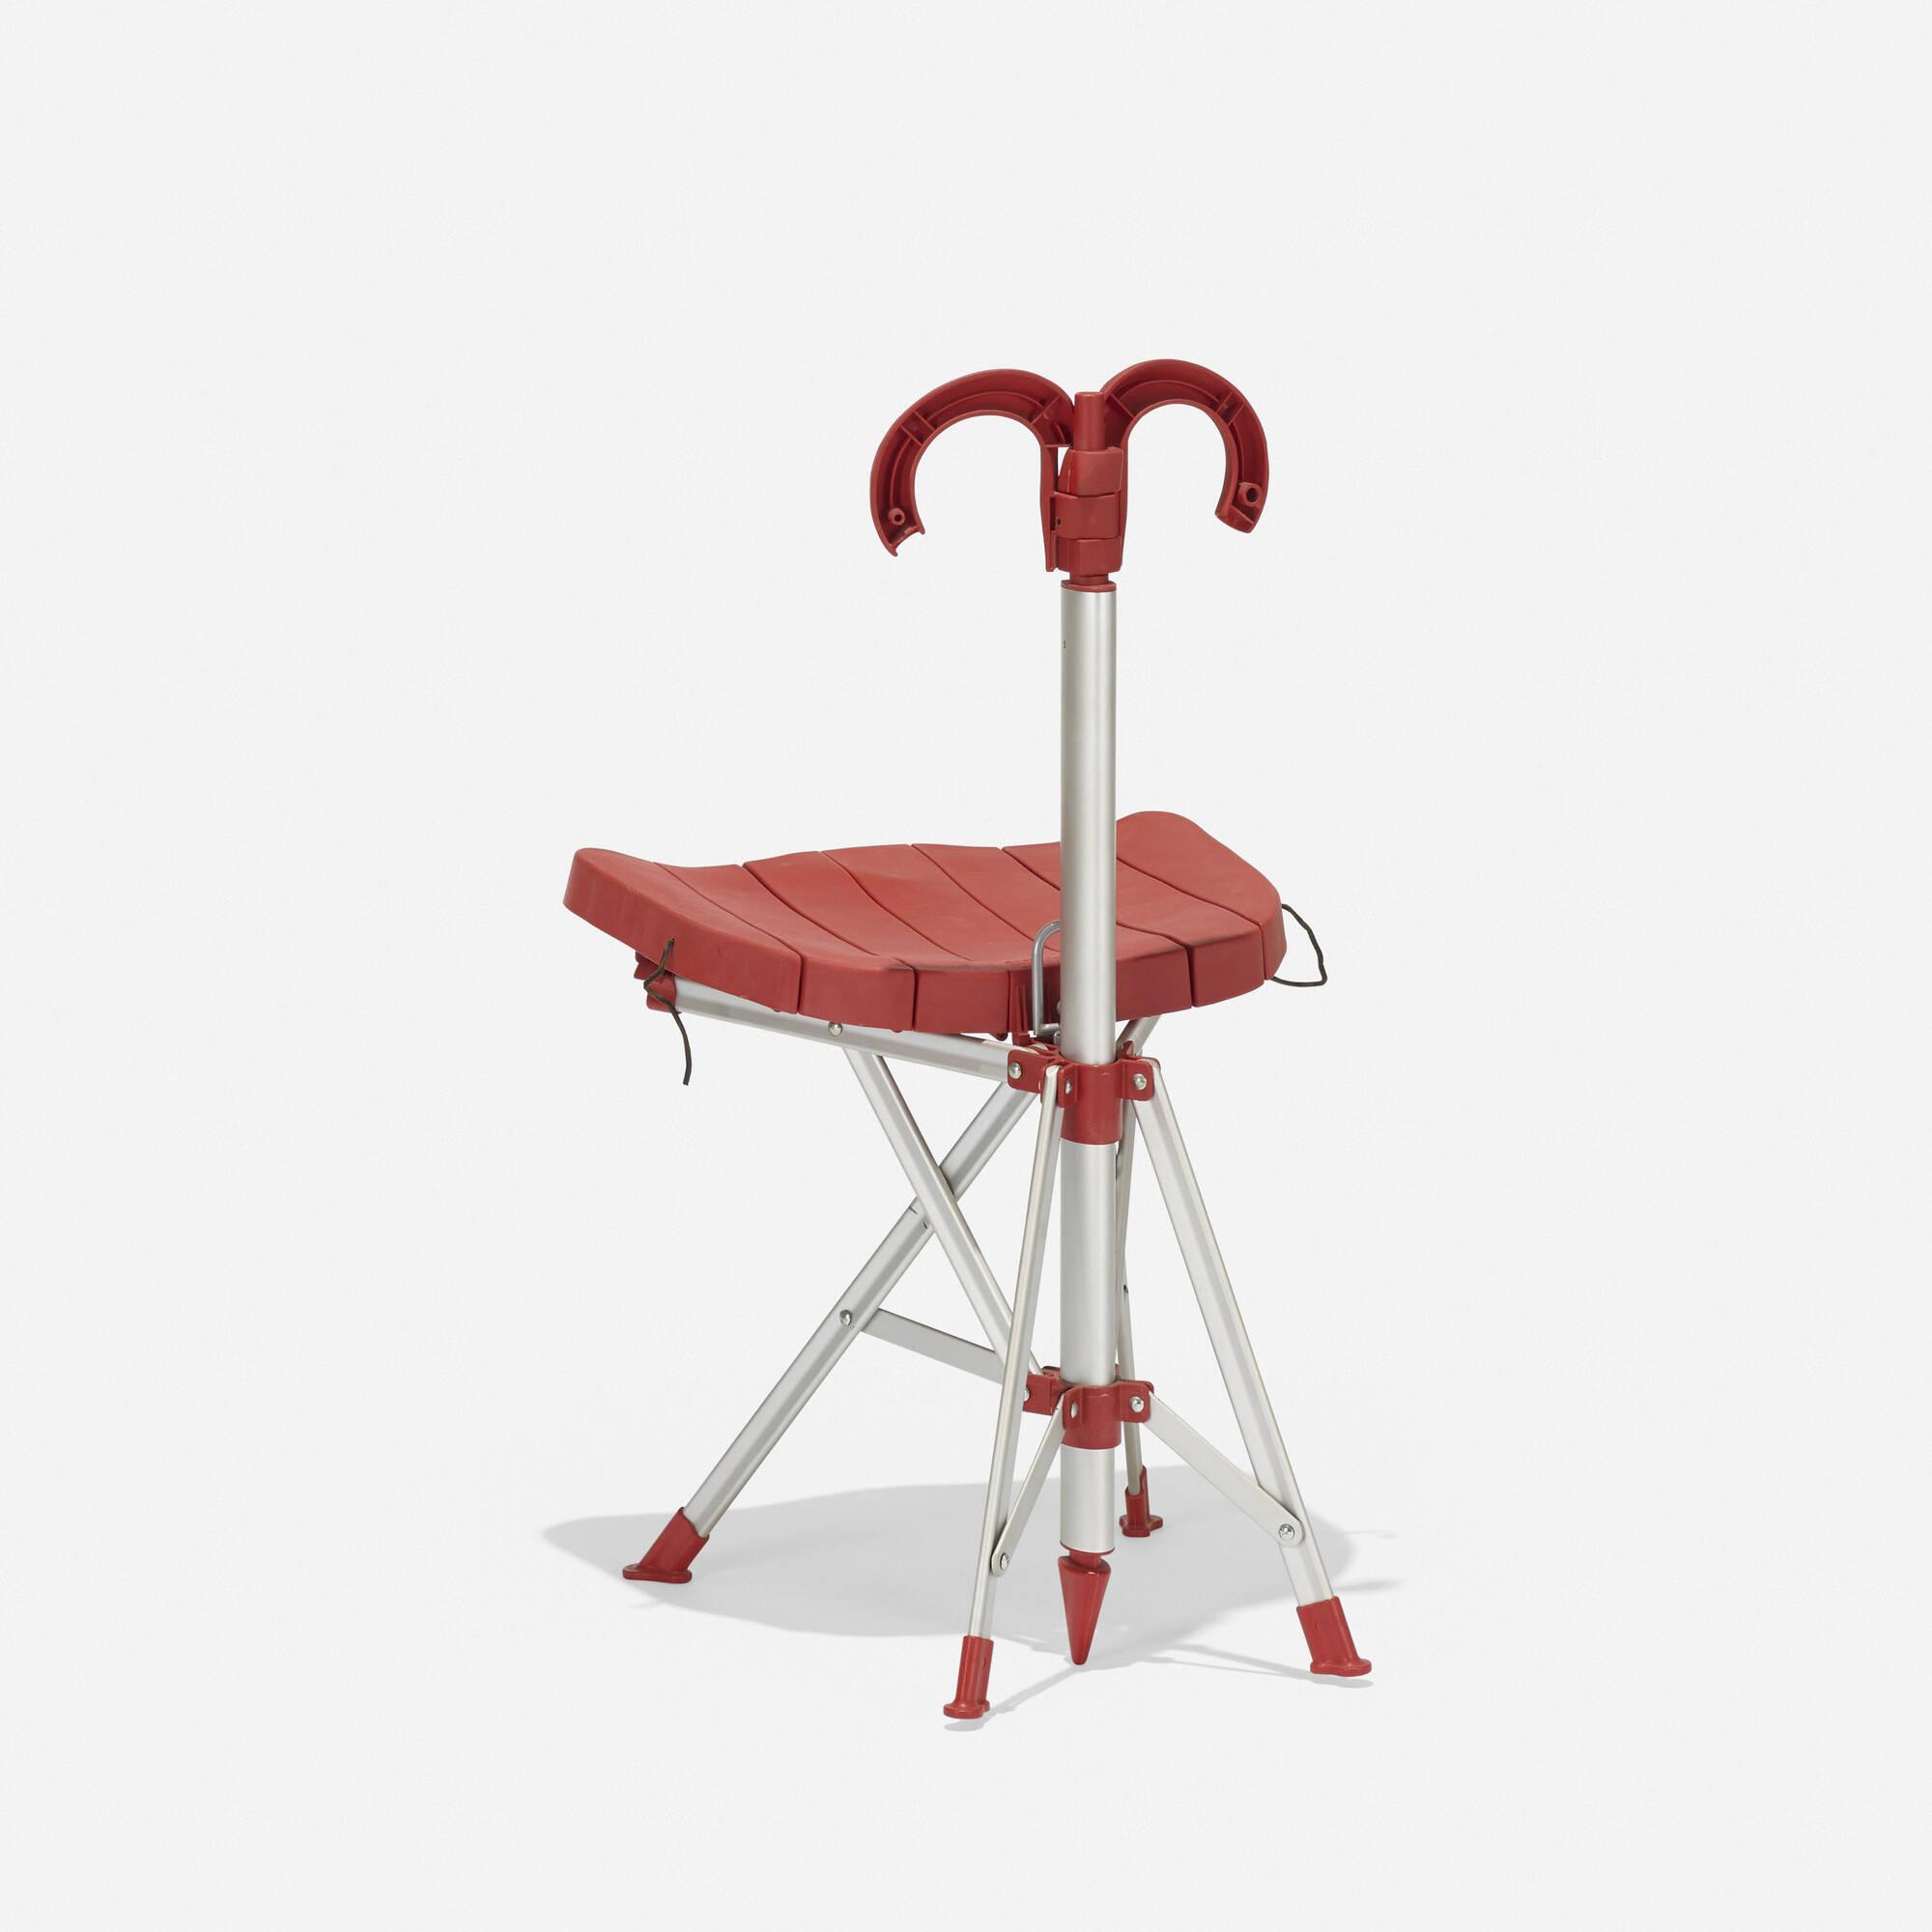 345: Gaetano Pesce / Umbrella chair (3 of 3)